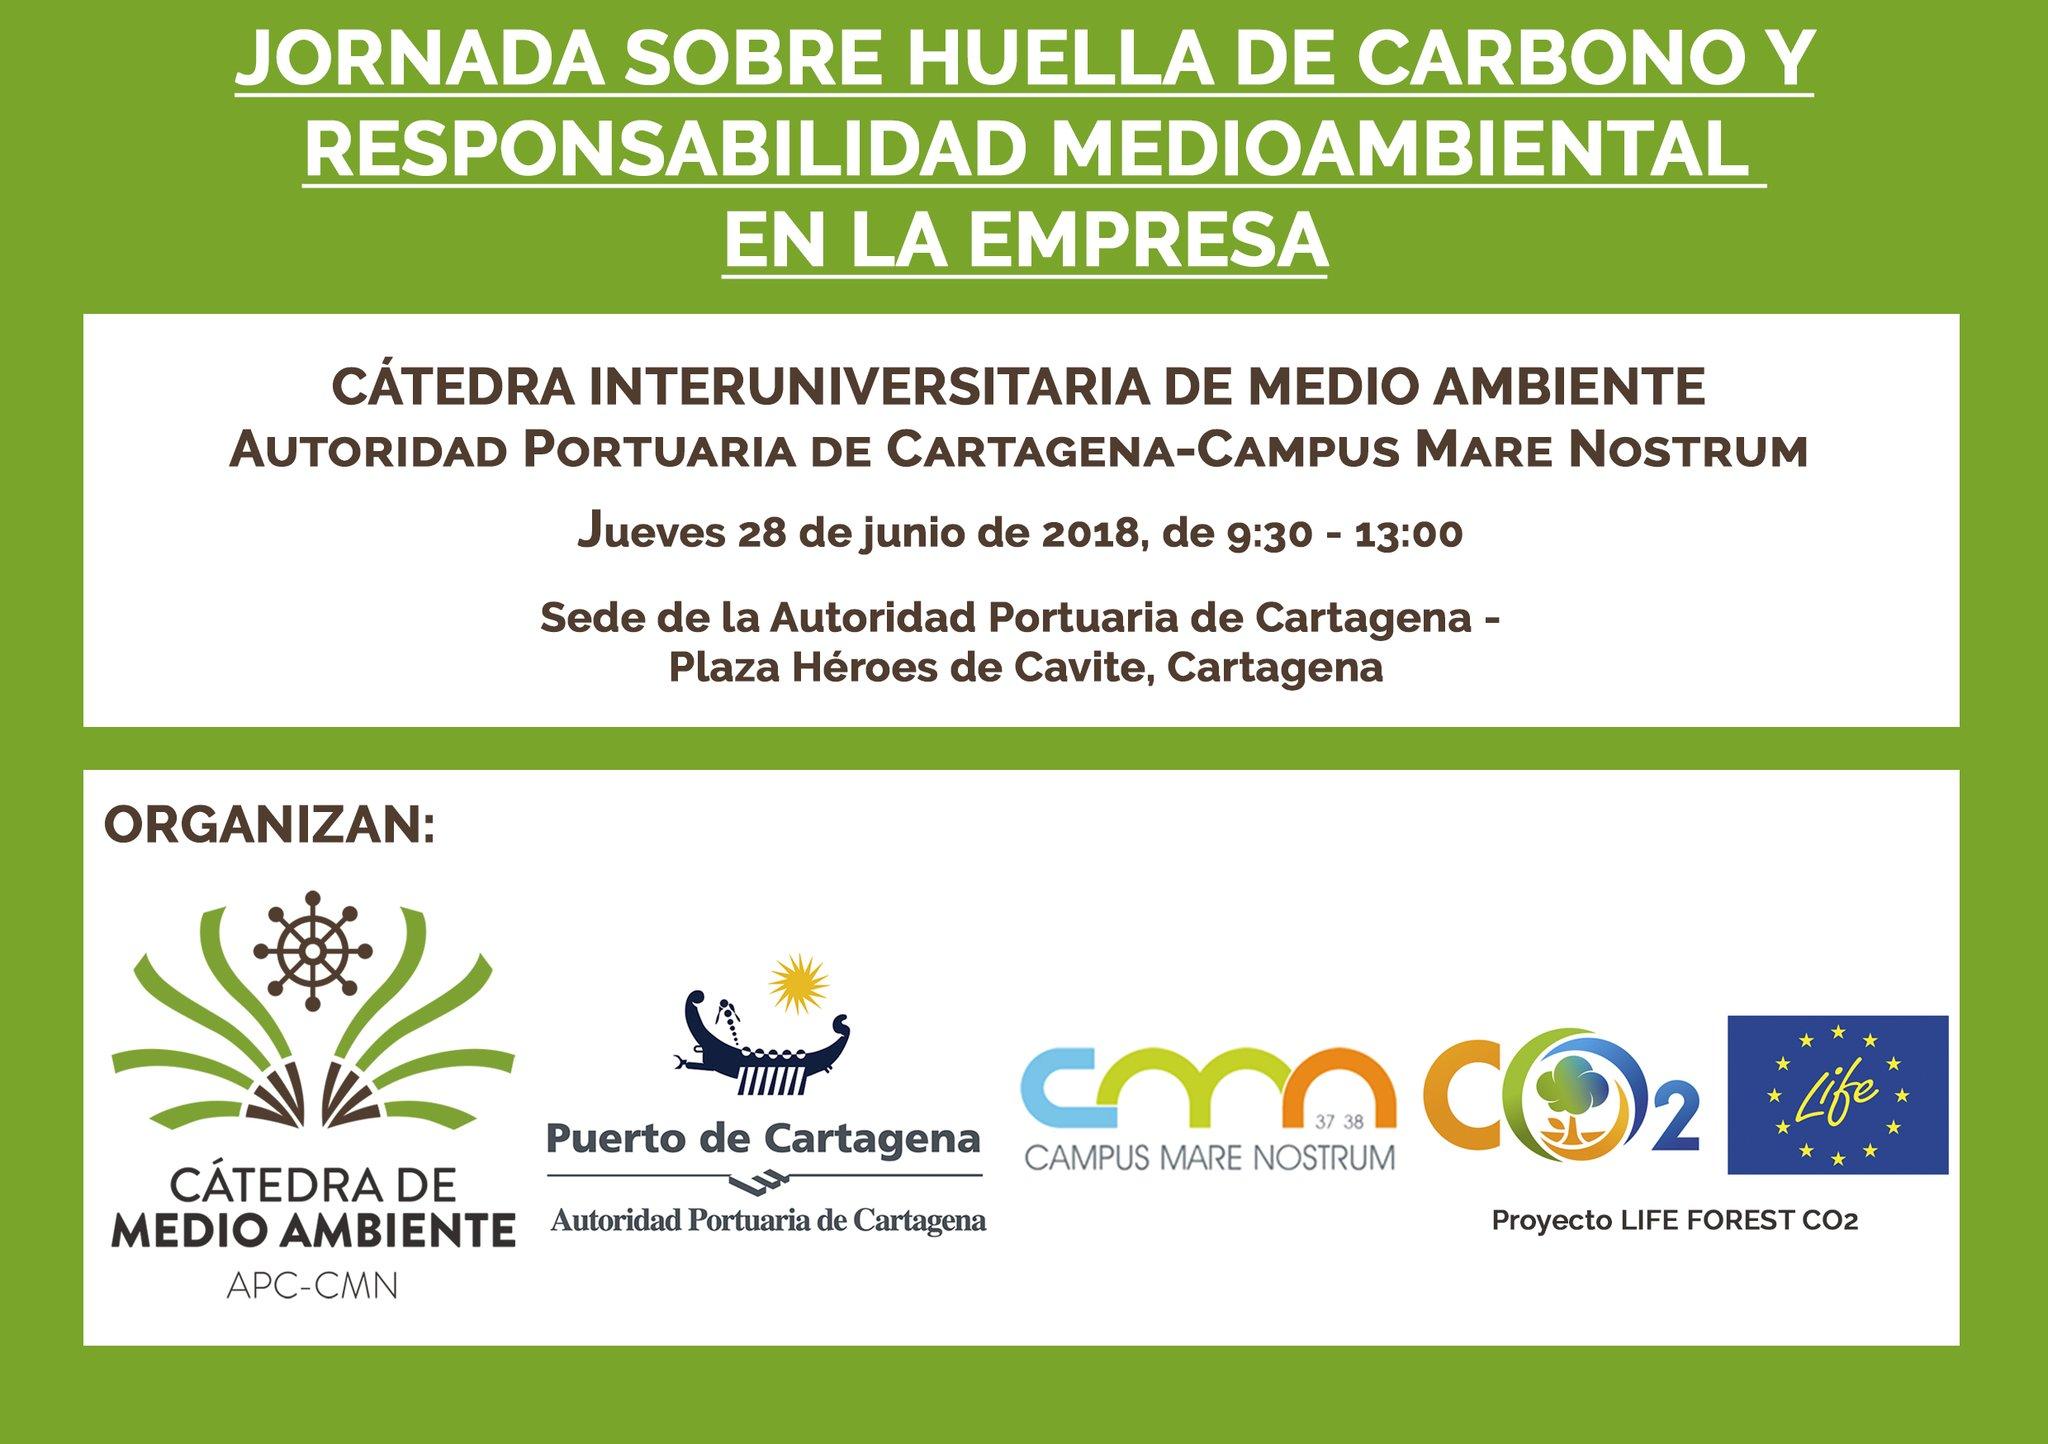 Jornada sobre Huella de Carbono para empresas, con la Cátedra de Medio Ambiente APC-CMN